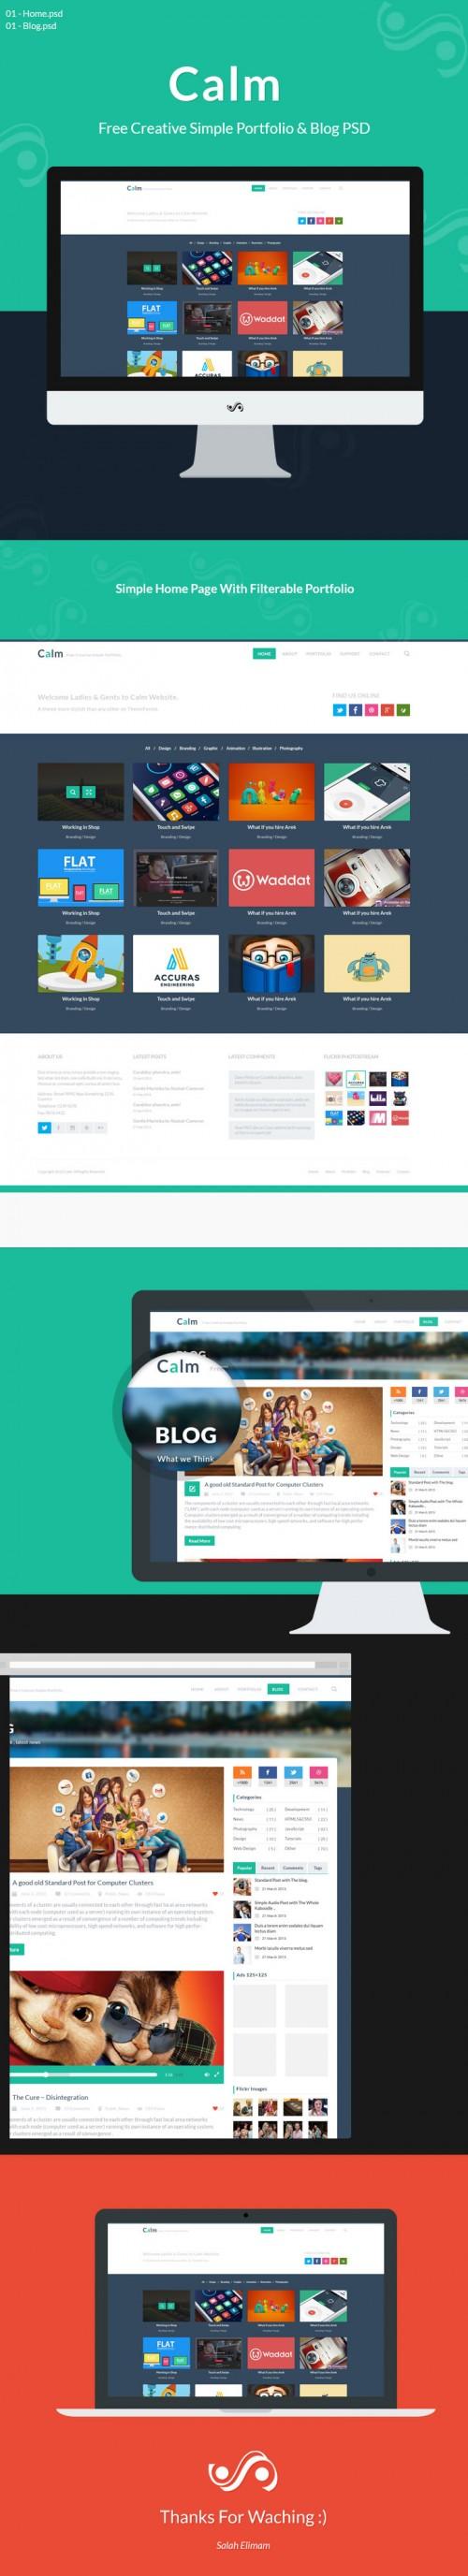 無料の創造的な単純なポートフォリオ & ブログ PSD を静める